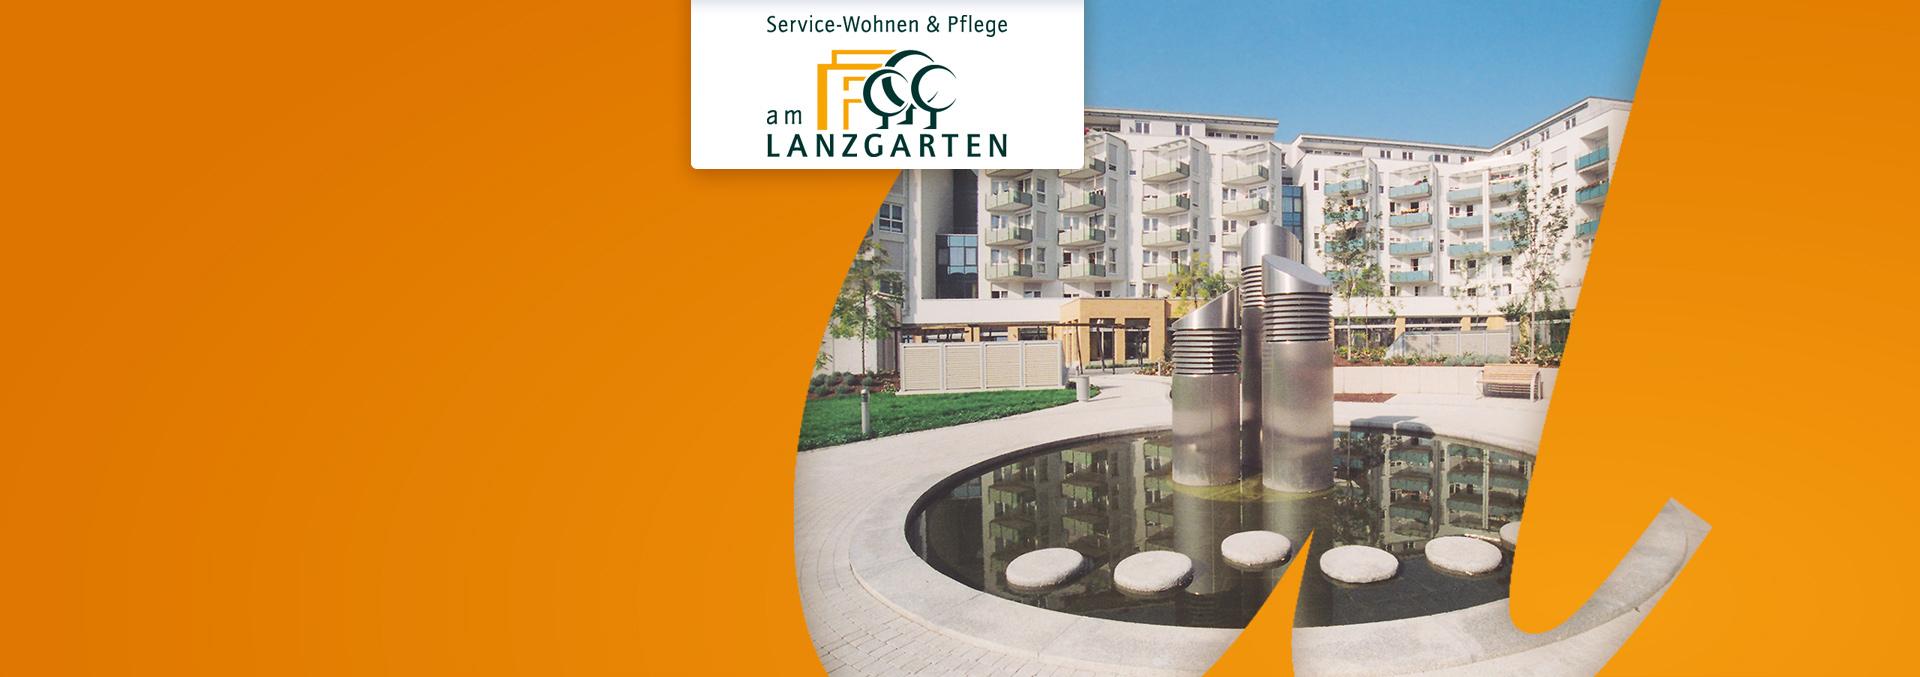 Brunnen bei Service-Wohnen und Pflege LANZGARTEN